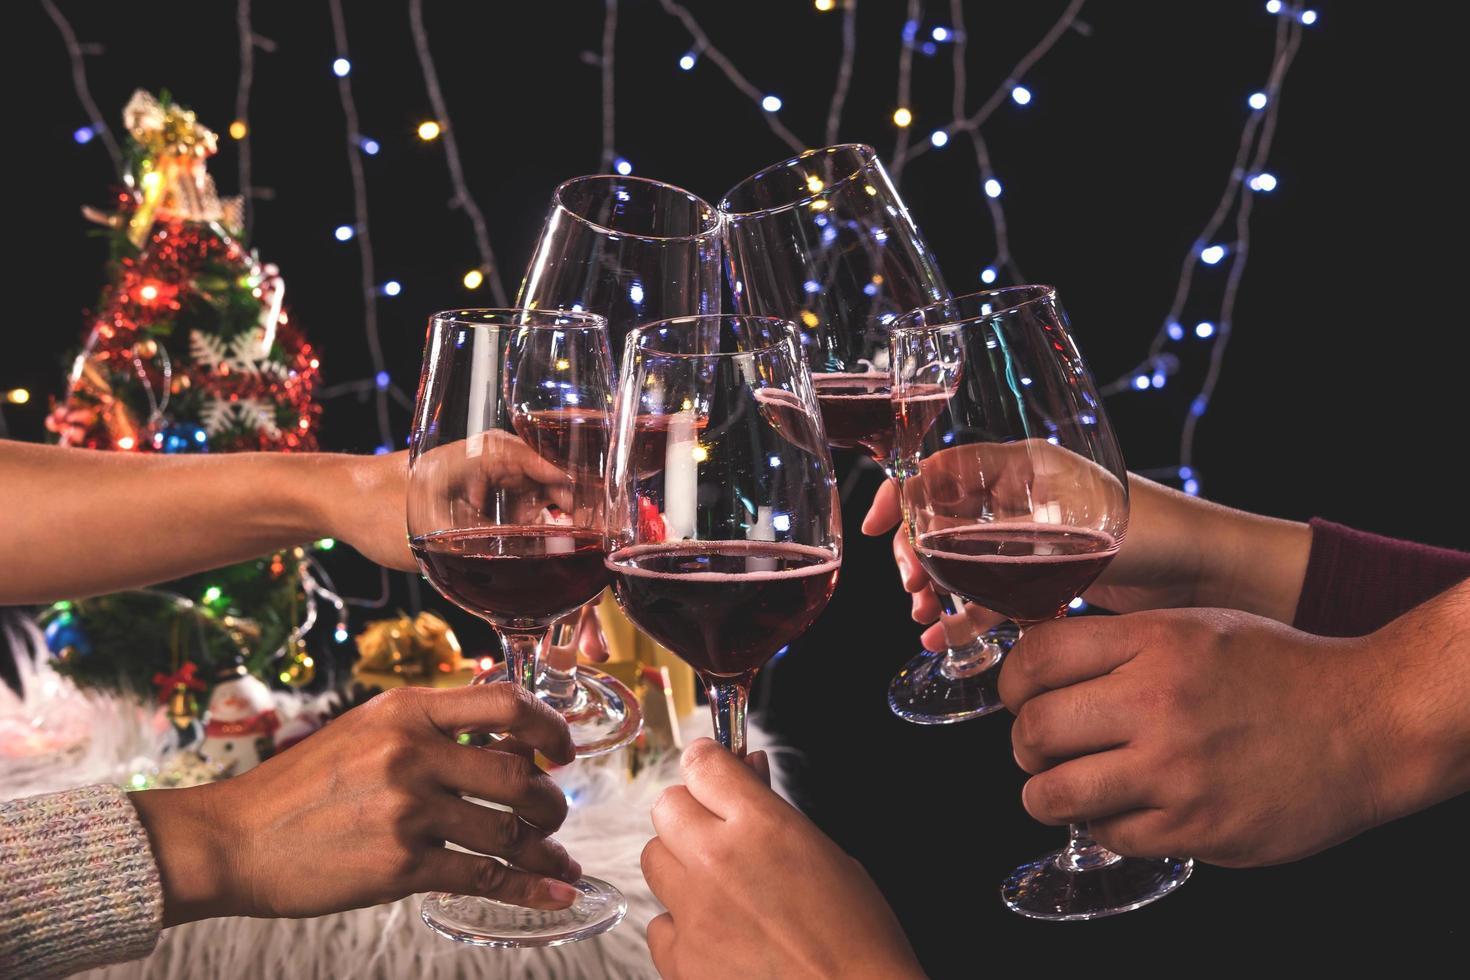 amis célébrant à la fête des fêtes photo